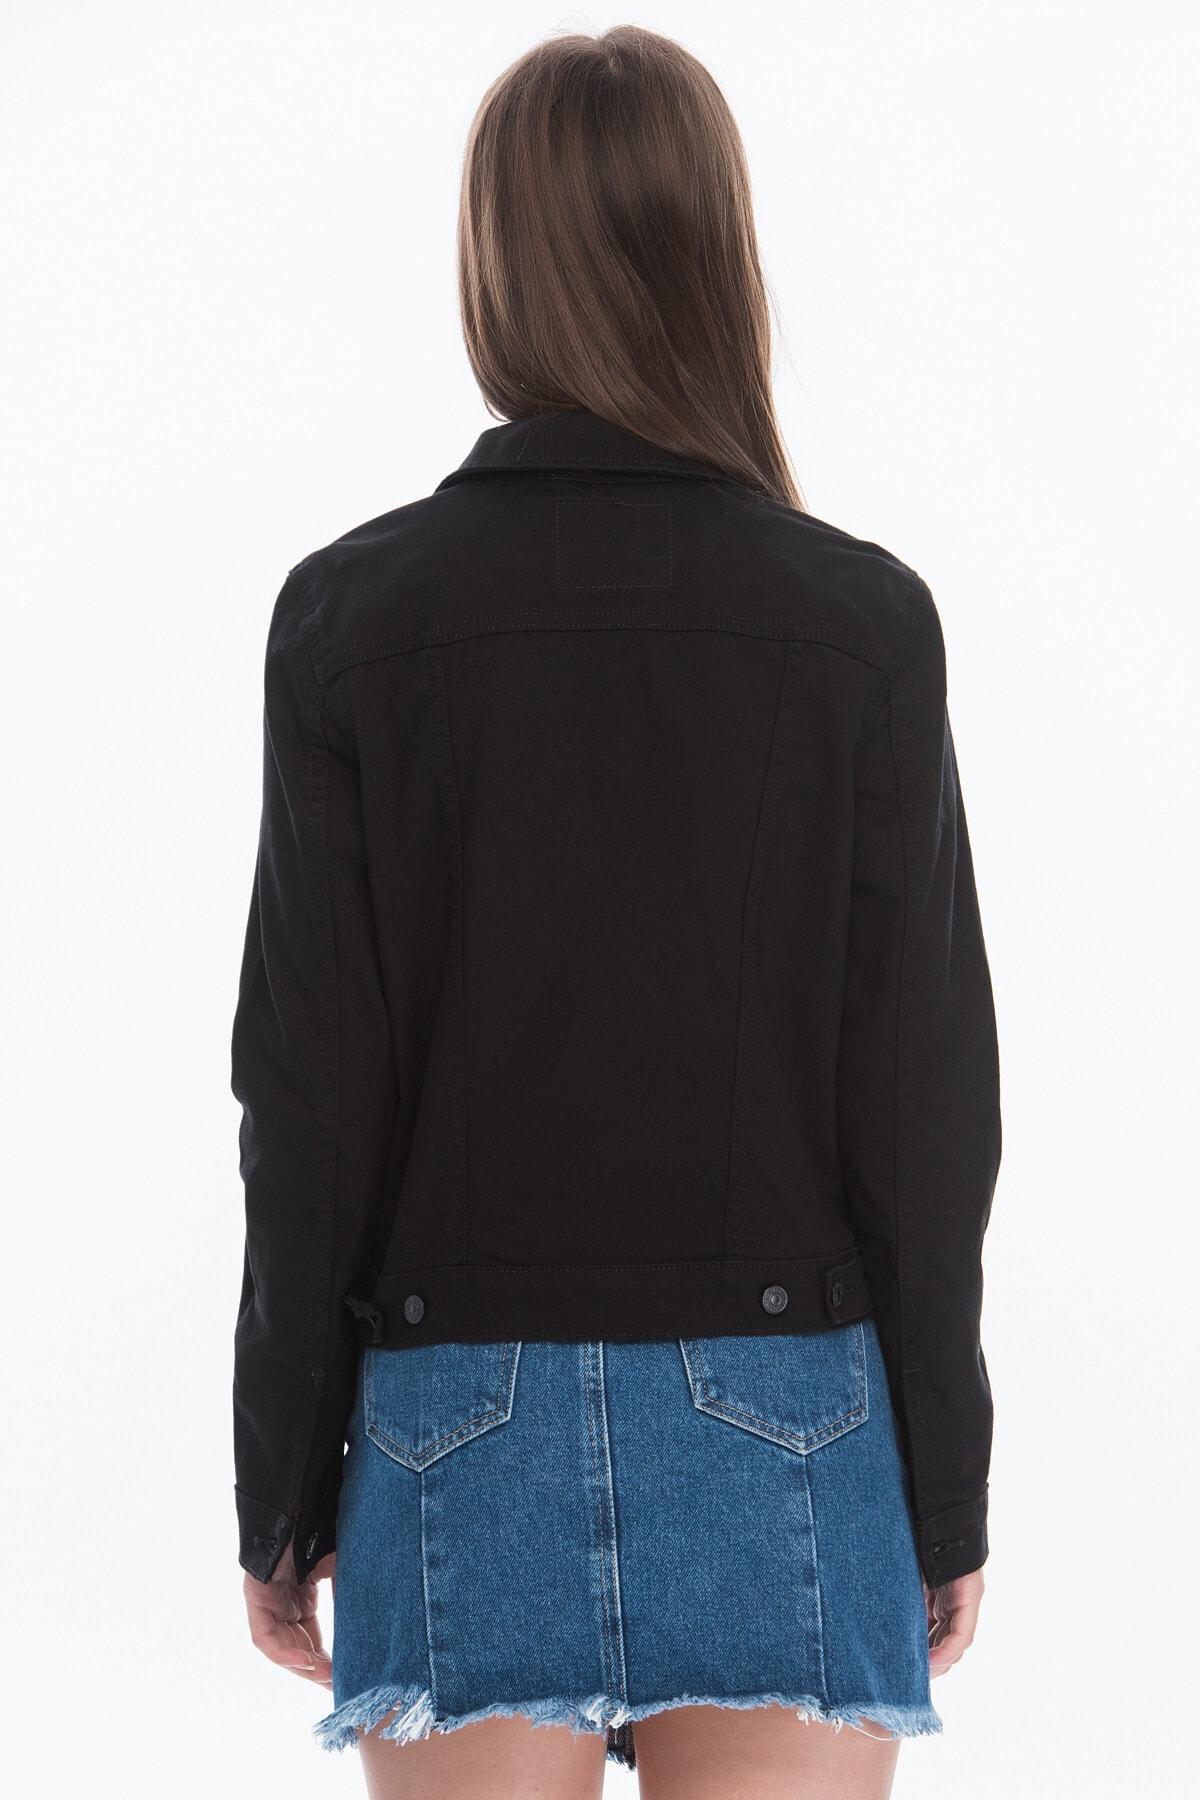 Levi's Kadın Siyah Düğmeli Ceket 29945-0038 2